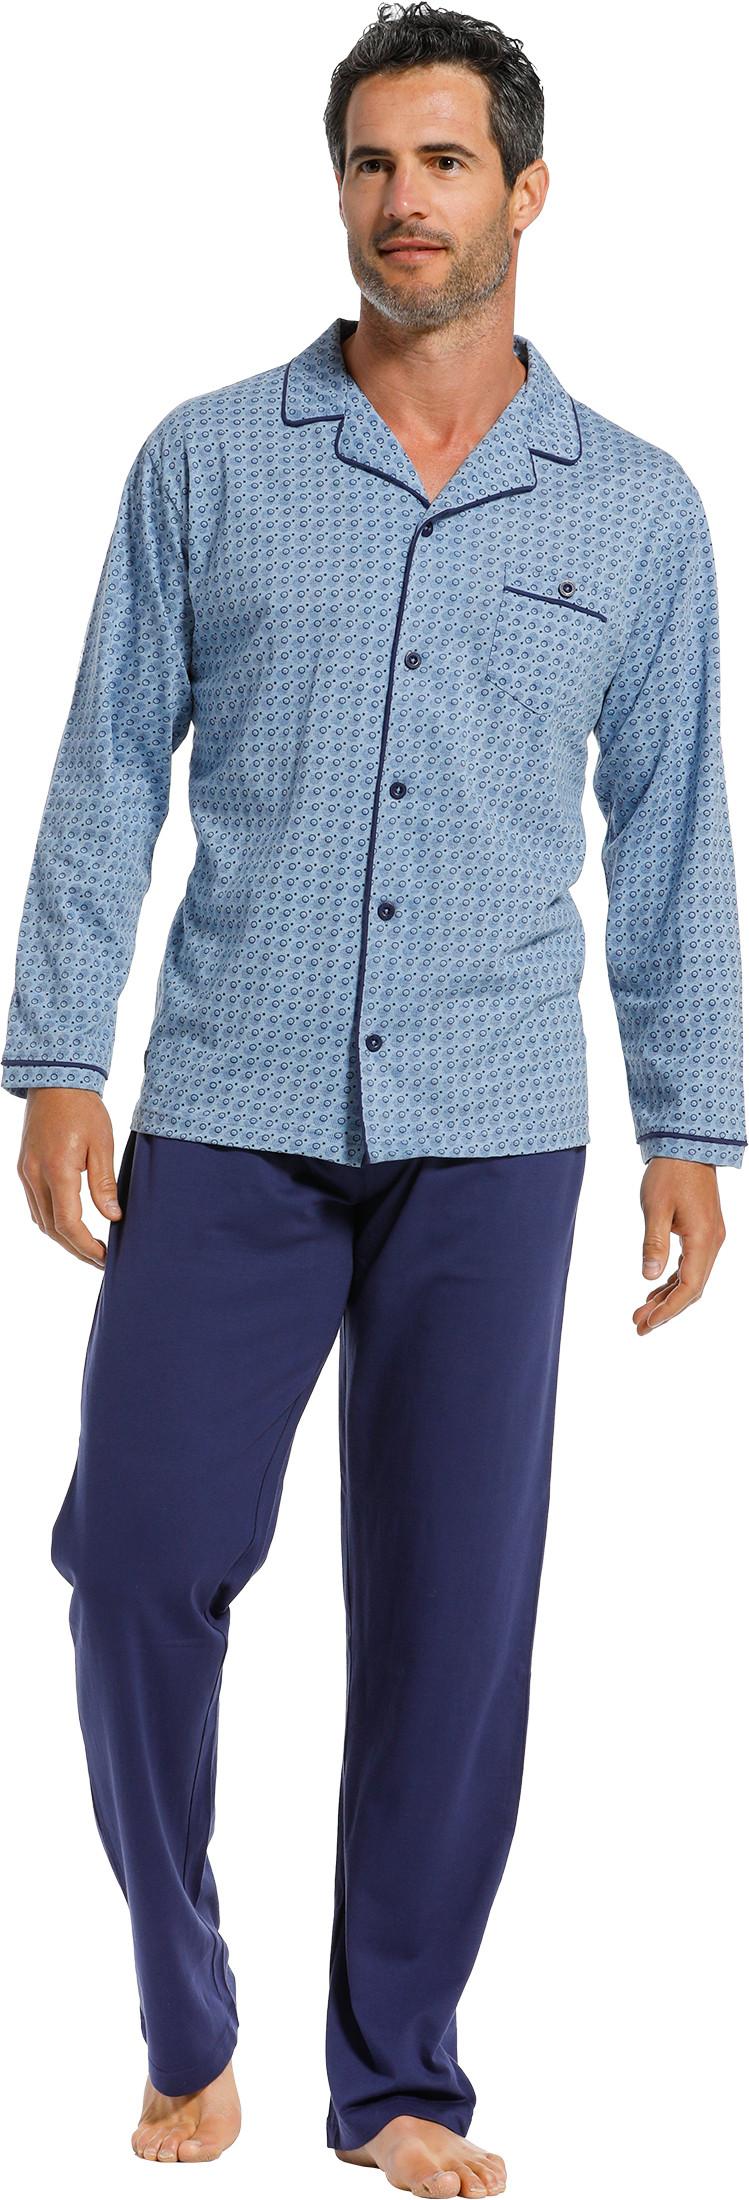 Heren doorknoop pyjama Pastunette 23211-614-6-S/48